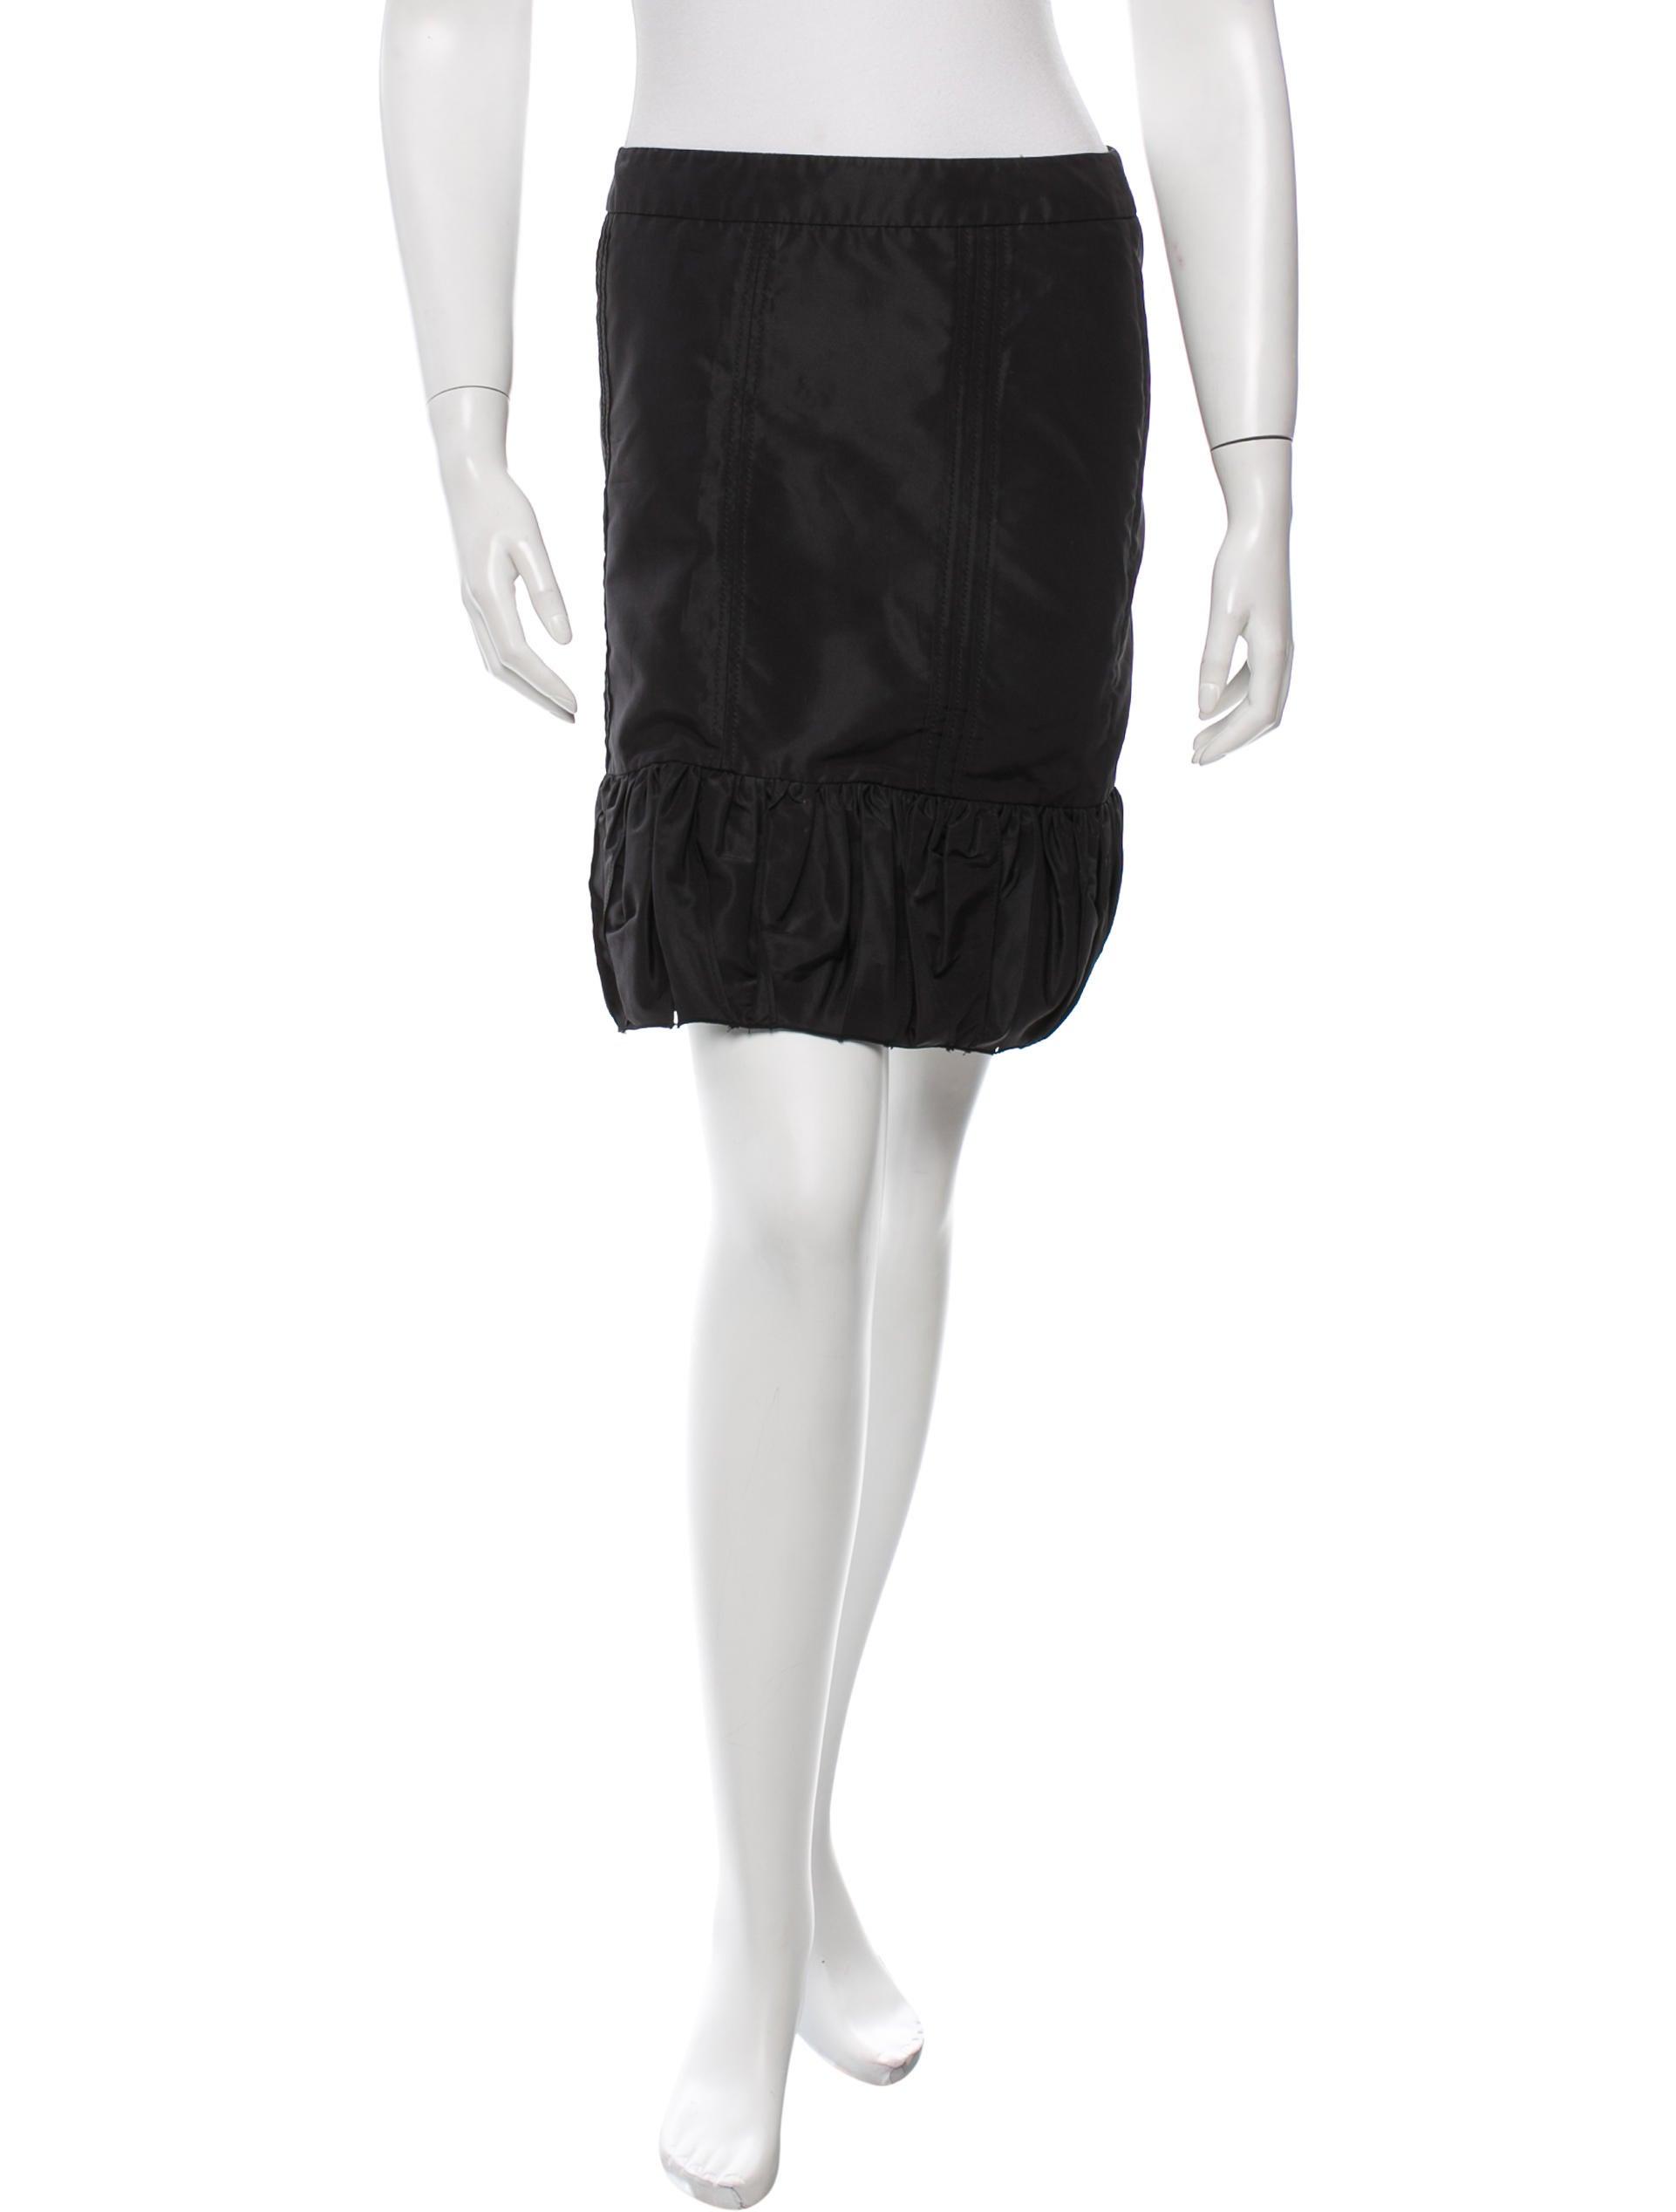 b09031e6a Prada Taffeta Mini Skirt - Clothing - PRA101543 | The RealReal